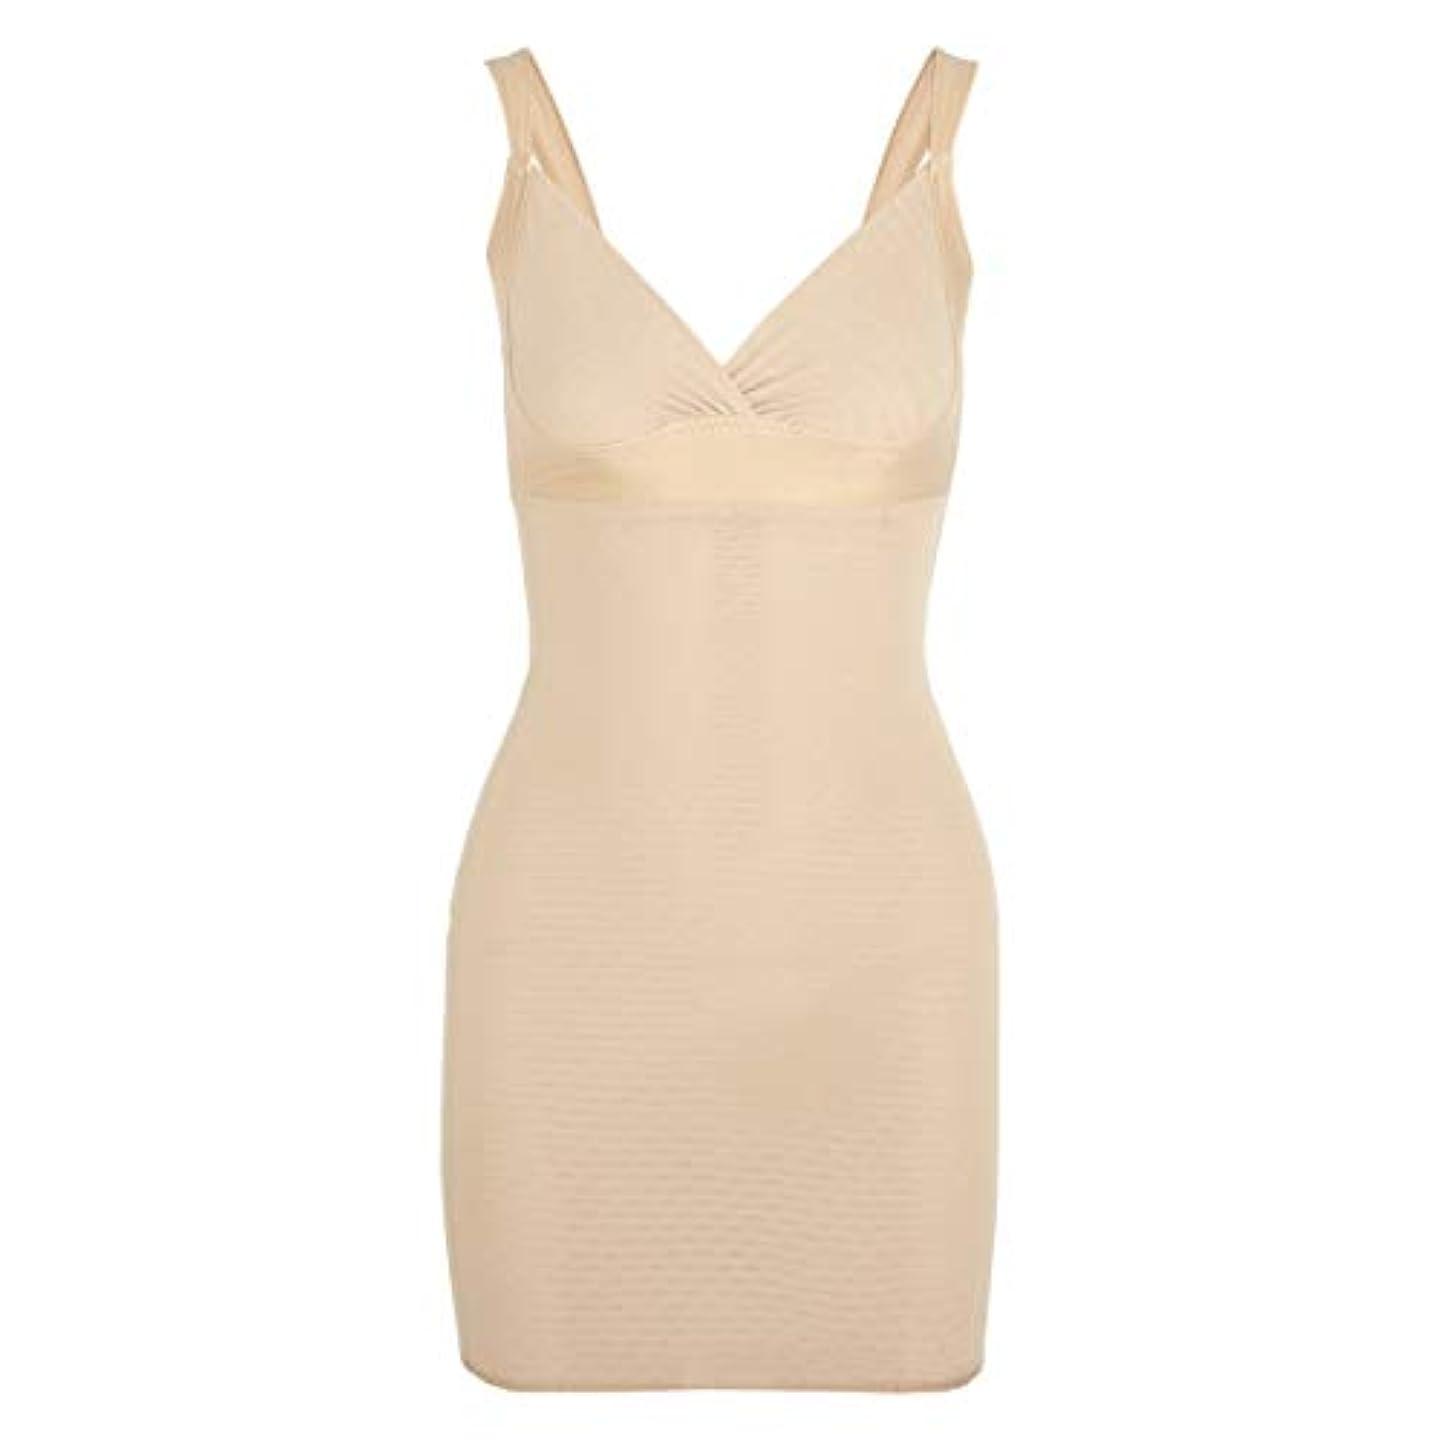 ダウン観察禁止する女性のポスト産後Post身下着シェイパードレスを回復ボディスーツシェイプウェアウエストコルセットガードル-アプリコット-XL